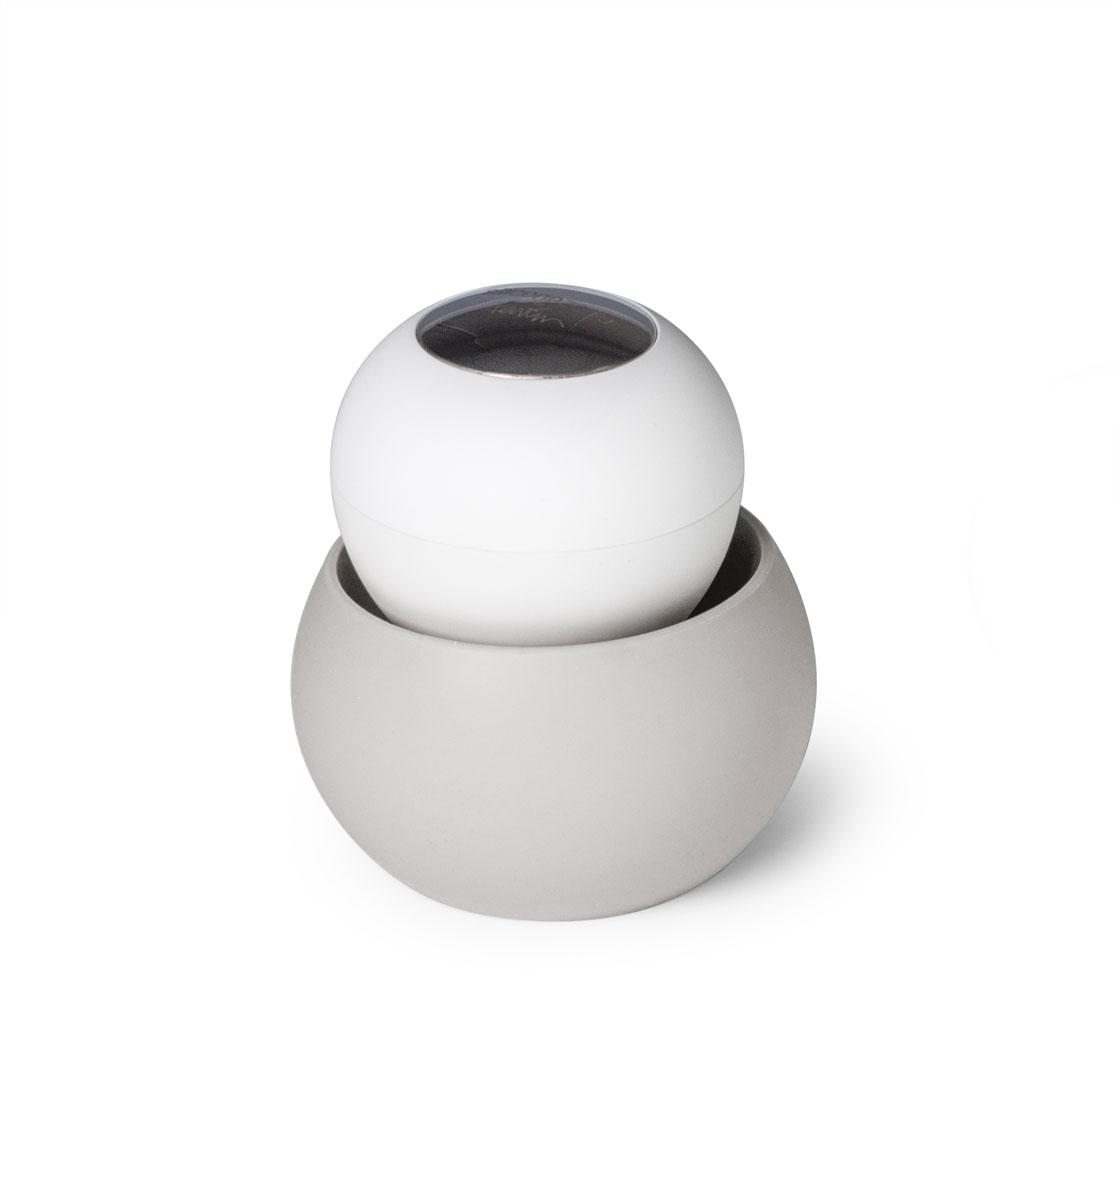 Щетка для мытья посуды SiliconeZone, цвет: серый, белый, 9 х 9,5 смSZ11-KS-11664-ABЩетка проста в использовании, ее ручка не скользит и легко помещается в руках, а мягкая нейлоновая щетина эффективно чистит. Нержавеющая сталь на крышке позволяет нейтрализовать любые запахи, которые руки могут приобретать во время чистки. Силиконовая подставка предназначена для сбора лишней воды, чтобы держать столешницу в чистоте все время.